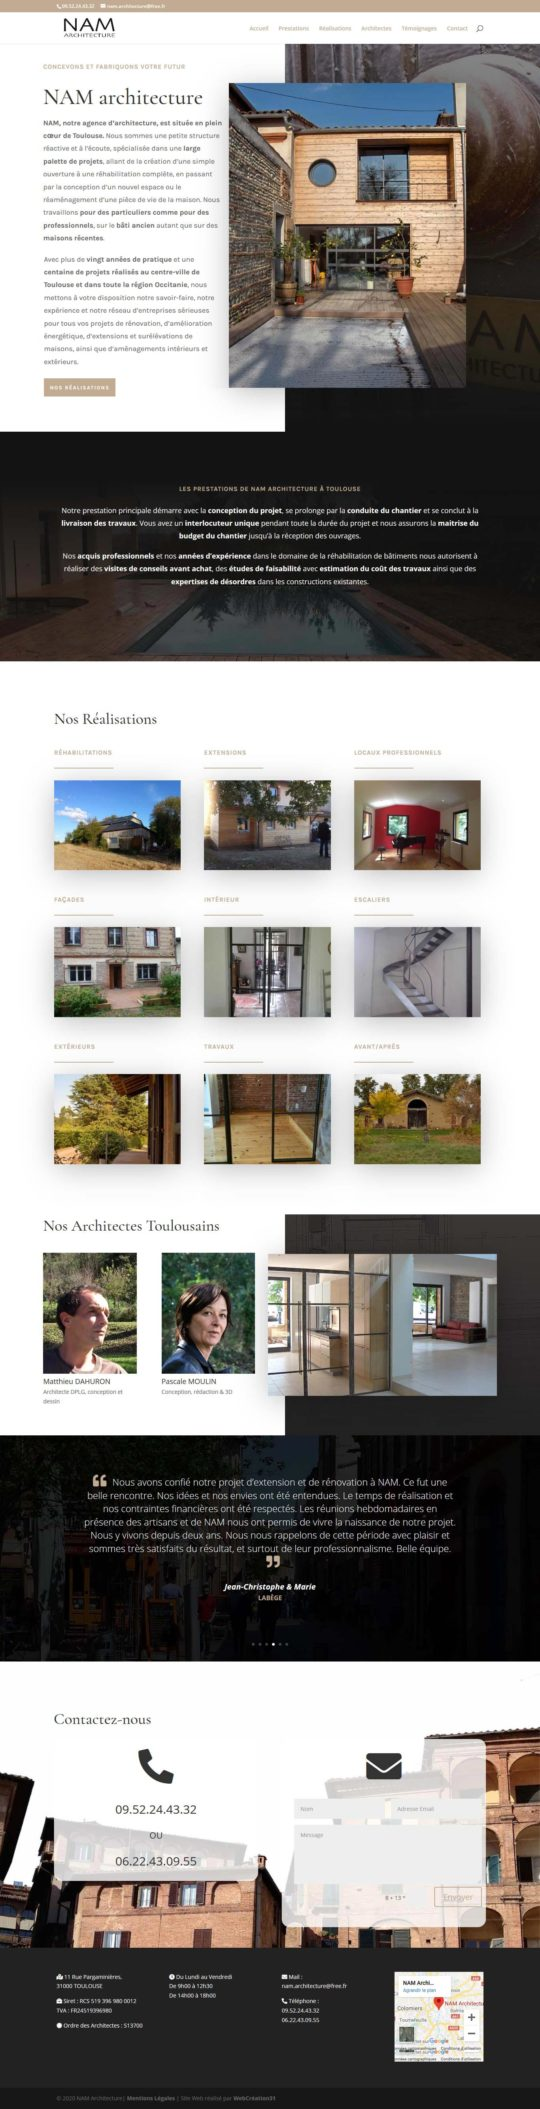 NAM Architecture à Toulouse